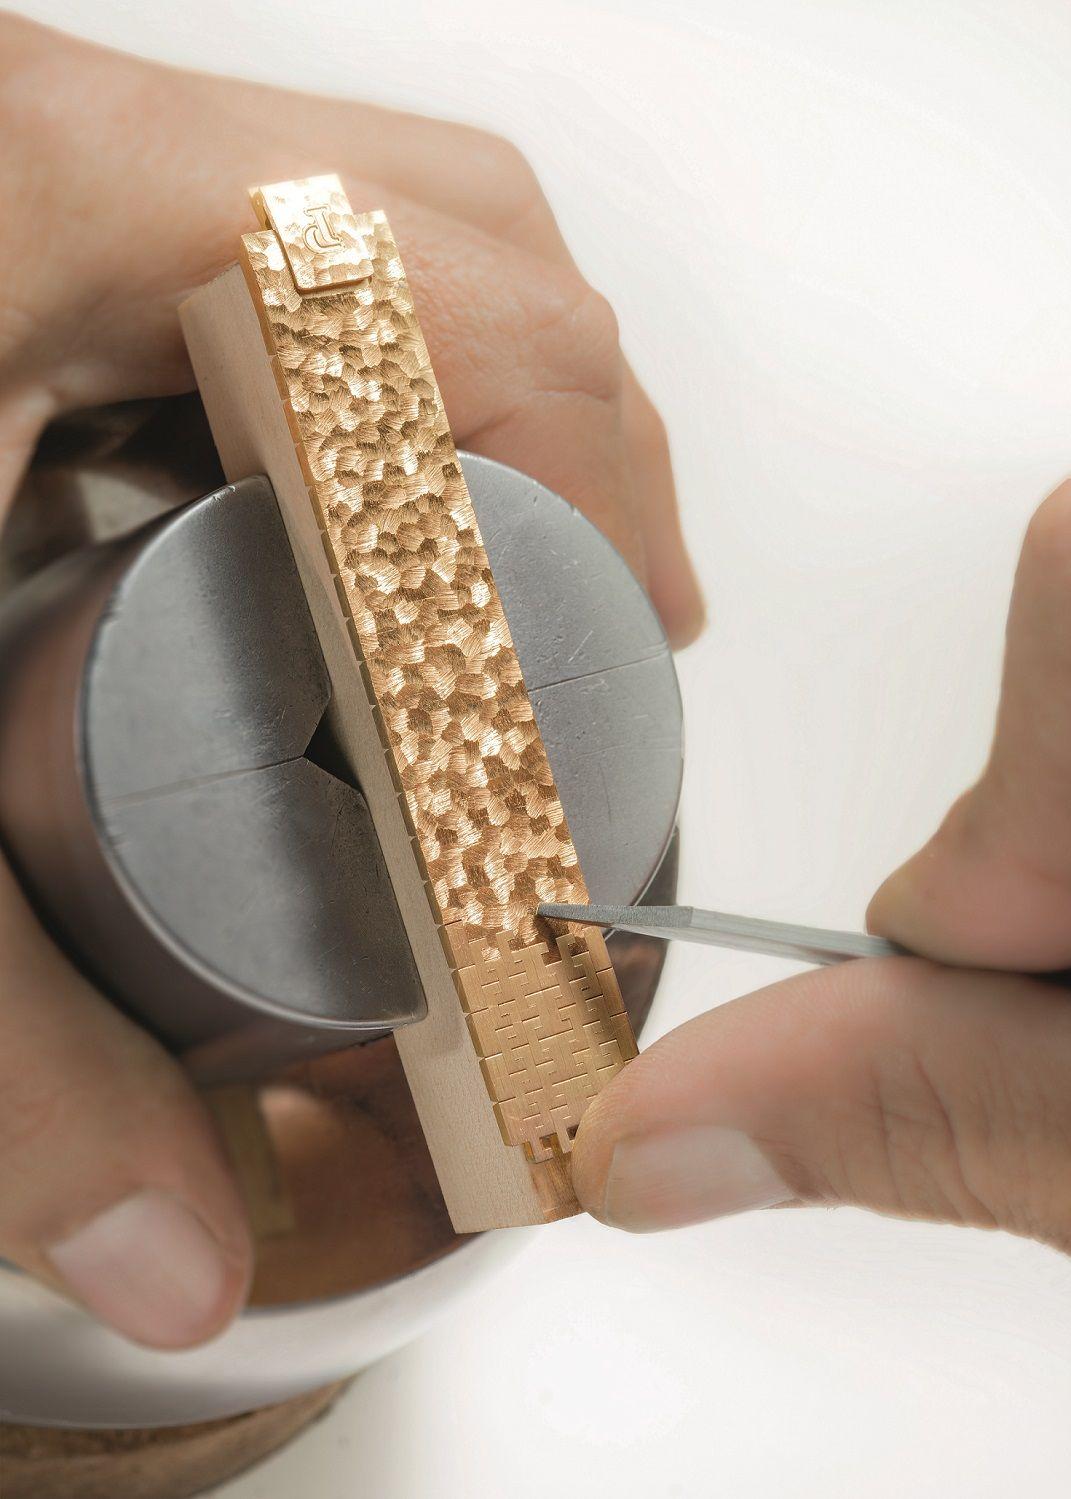 Piaget的工匠手工雕刻毛皮狀紋理於金質錶帶上。